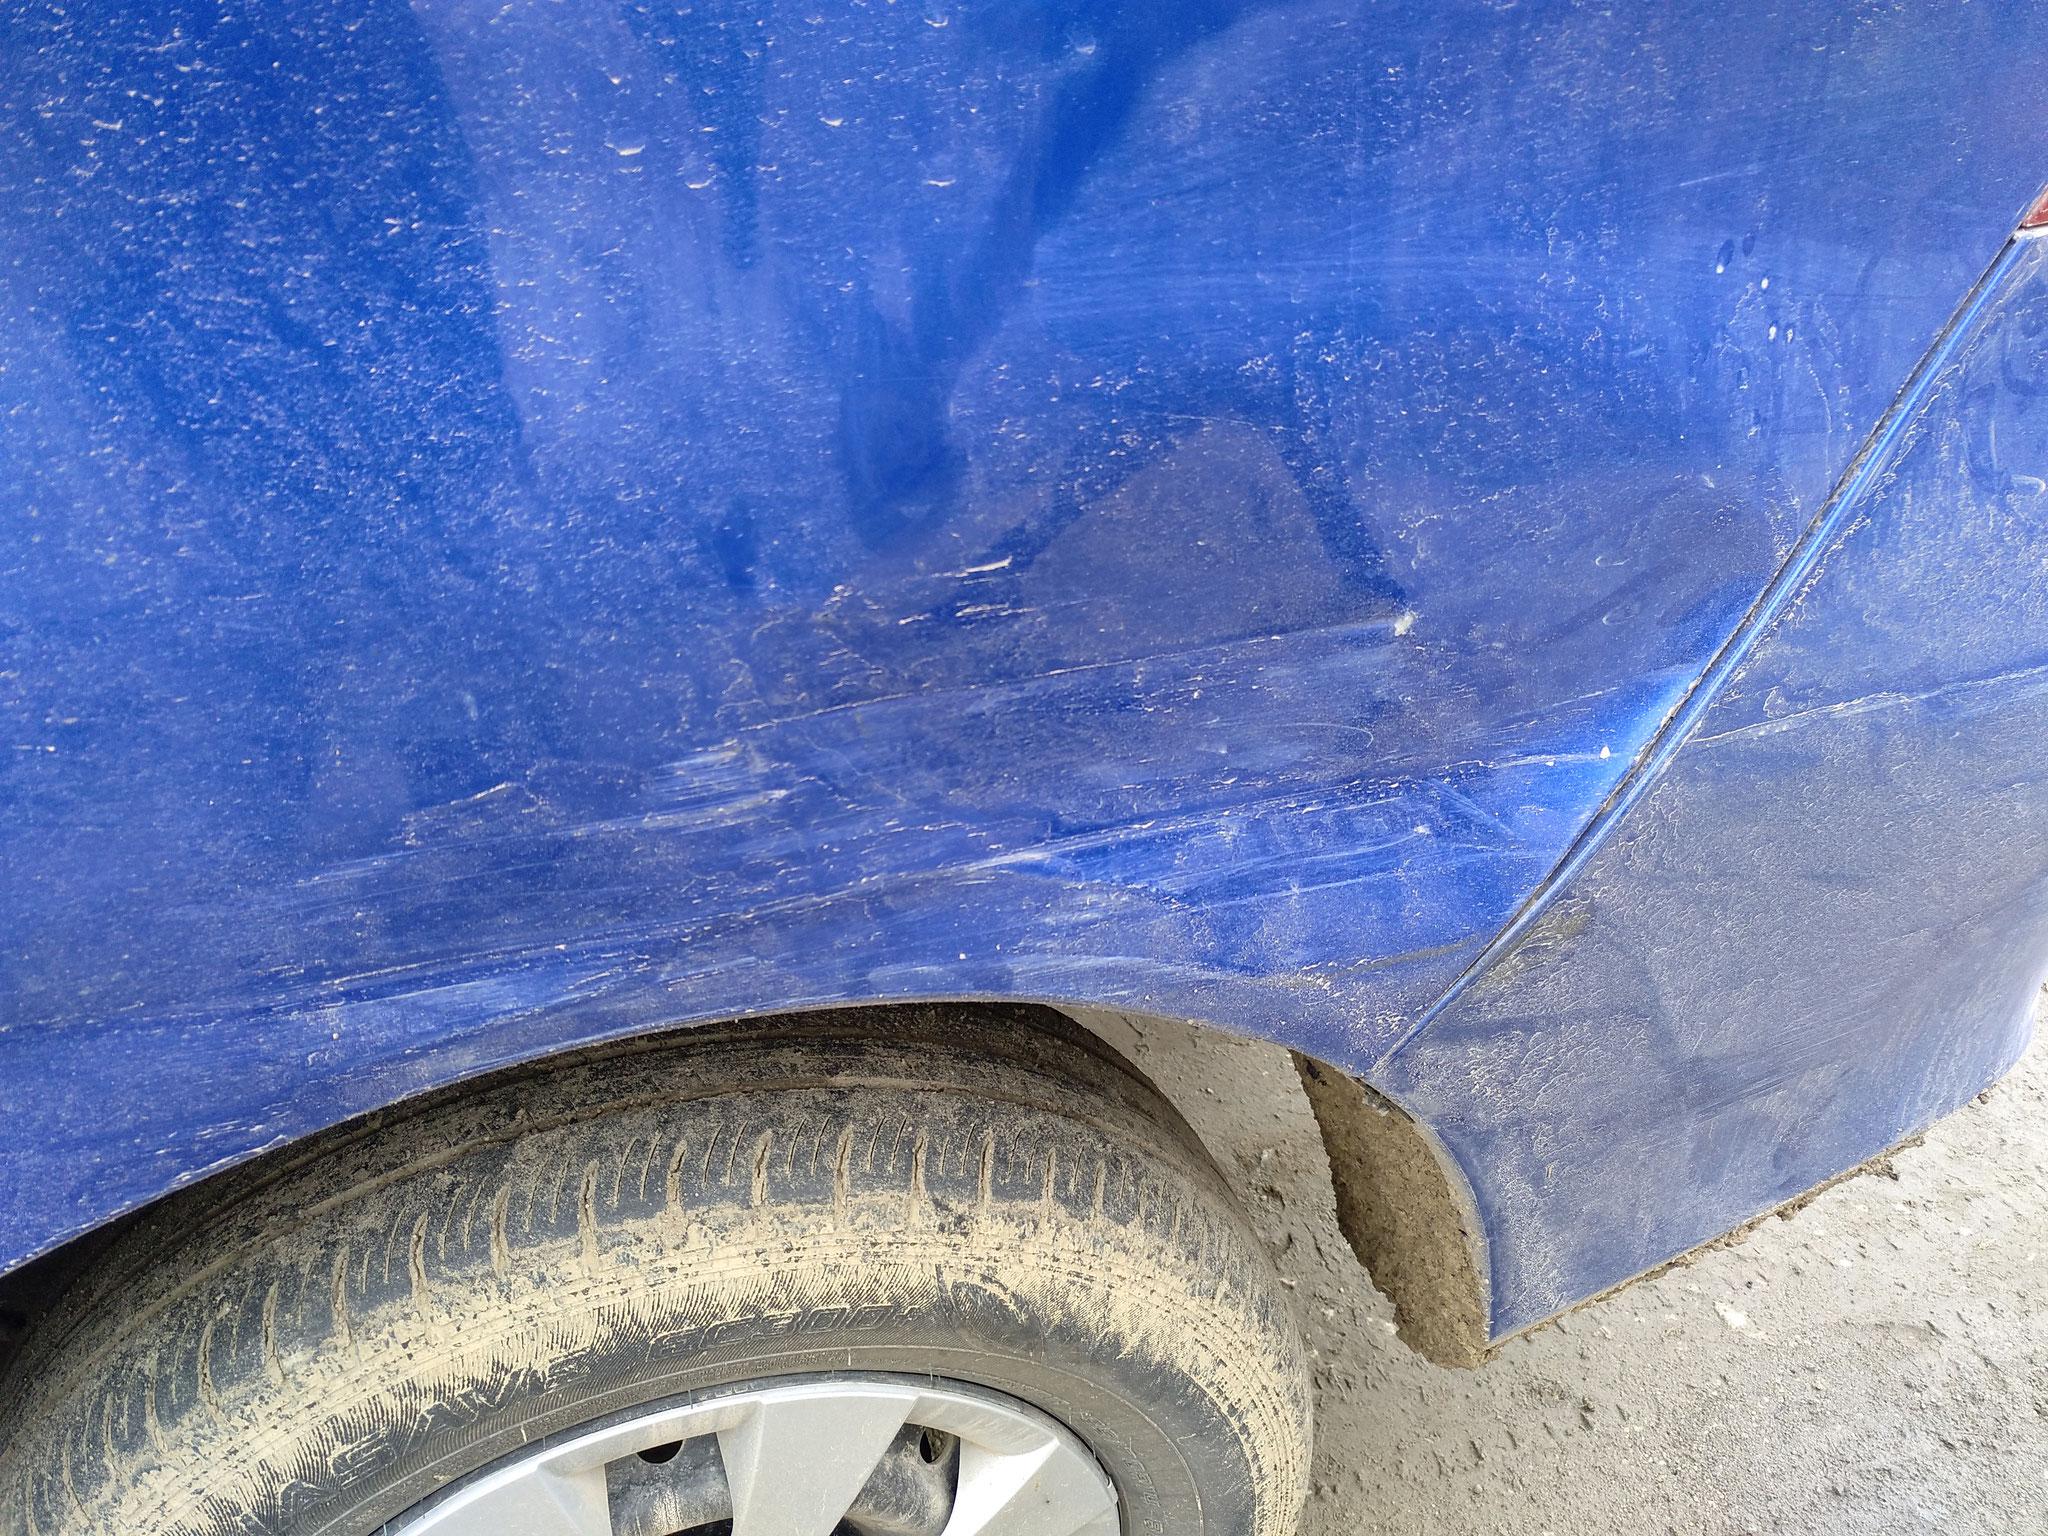 Leider wurde eines unserer Autos in einen Unfall verwickelt. Ein entgegenkommendes Auto wurde von einem dritten Auto in einer uneinsichtigen Kurve überholt.